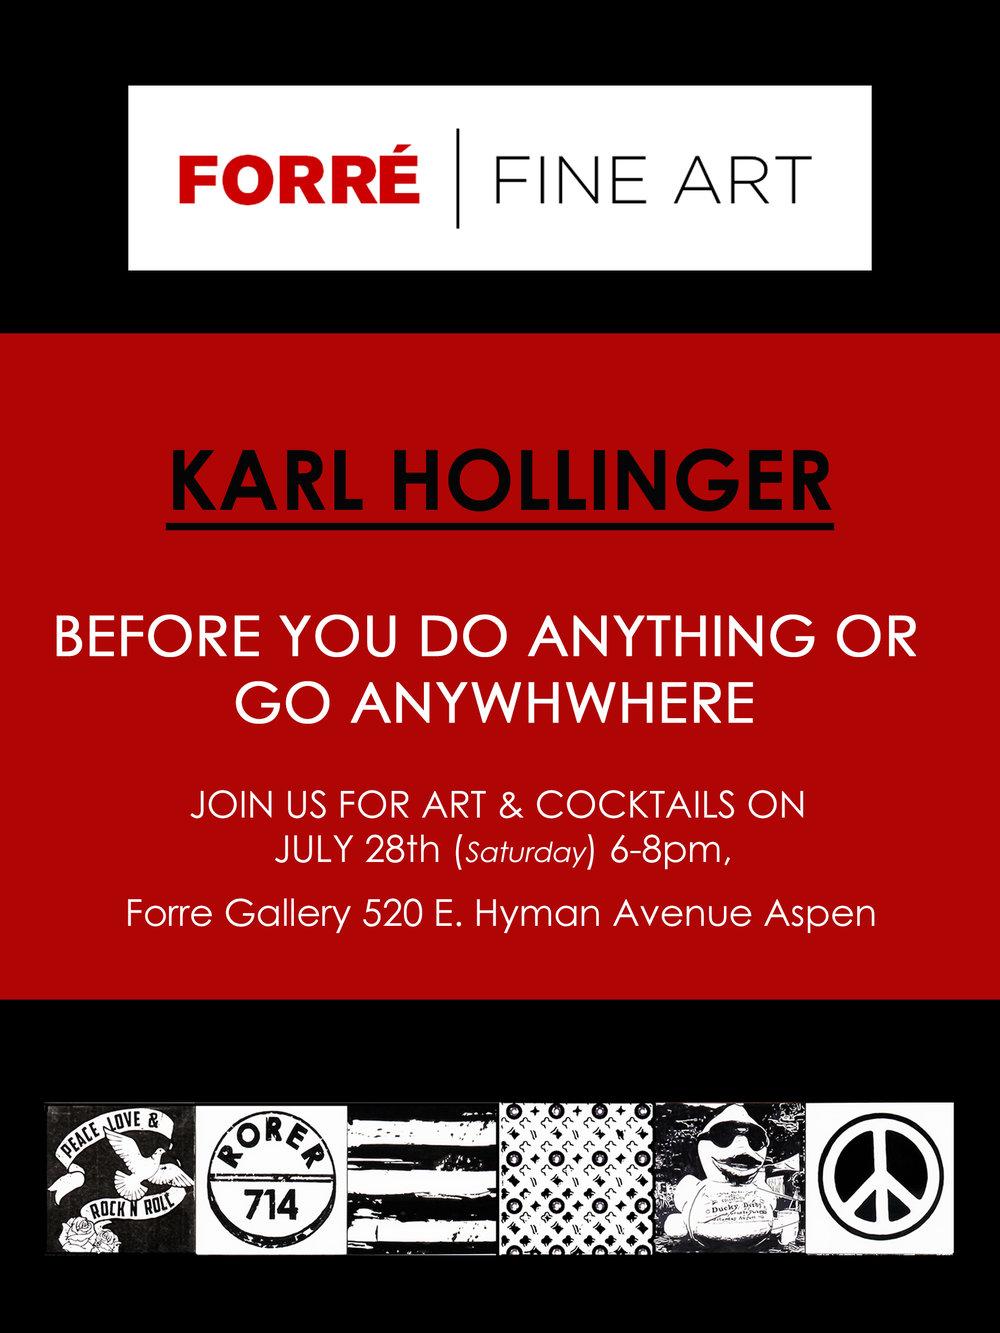 karl hollinger show 2018 forre.jpg